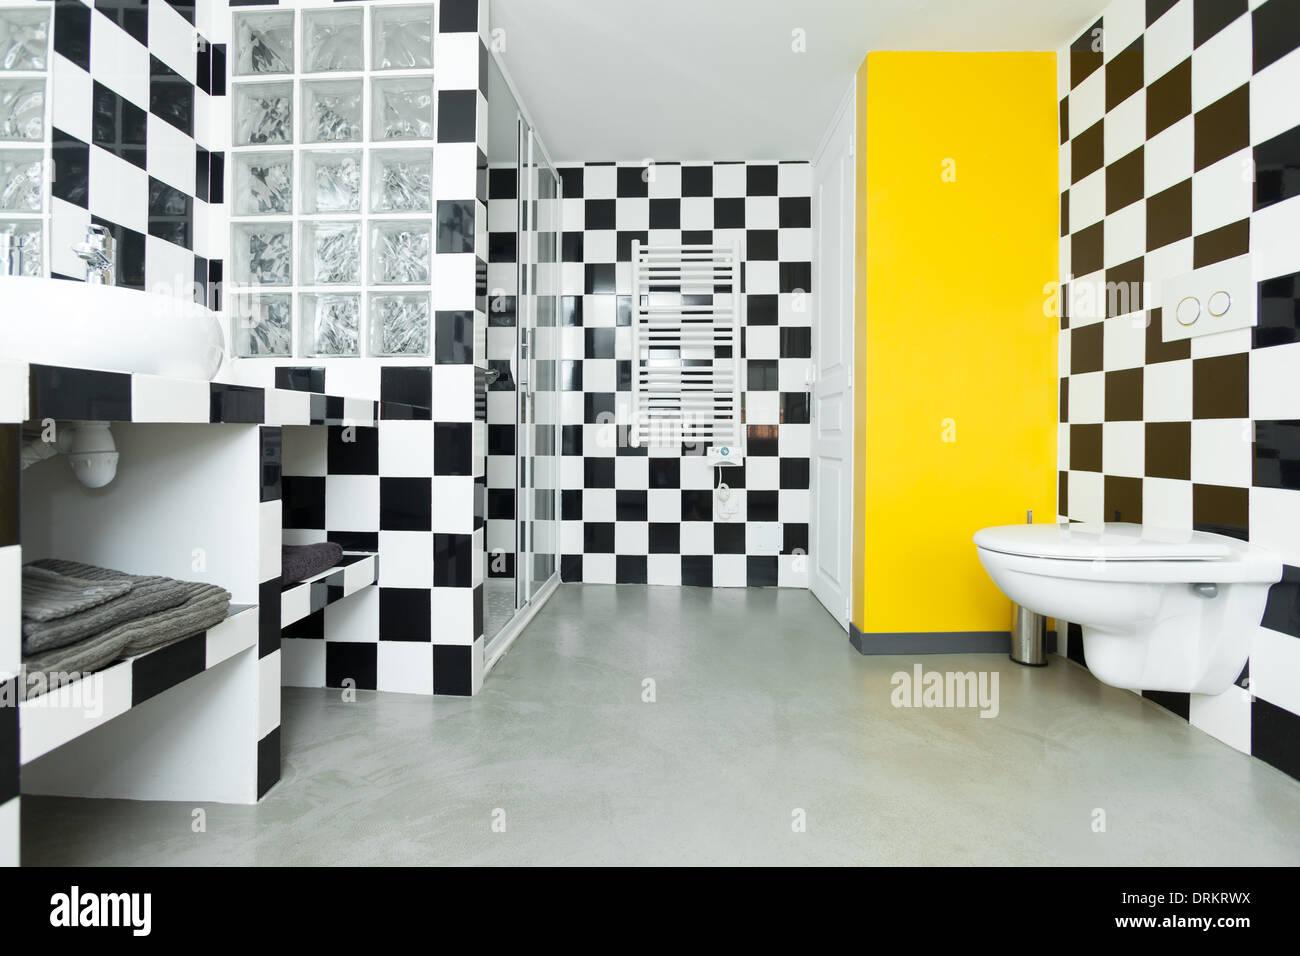 Bagno moderno con a scacchi in piastrelle bianche e nere sulle